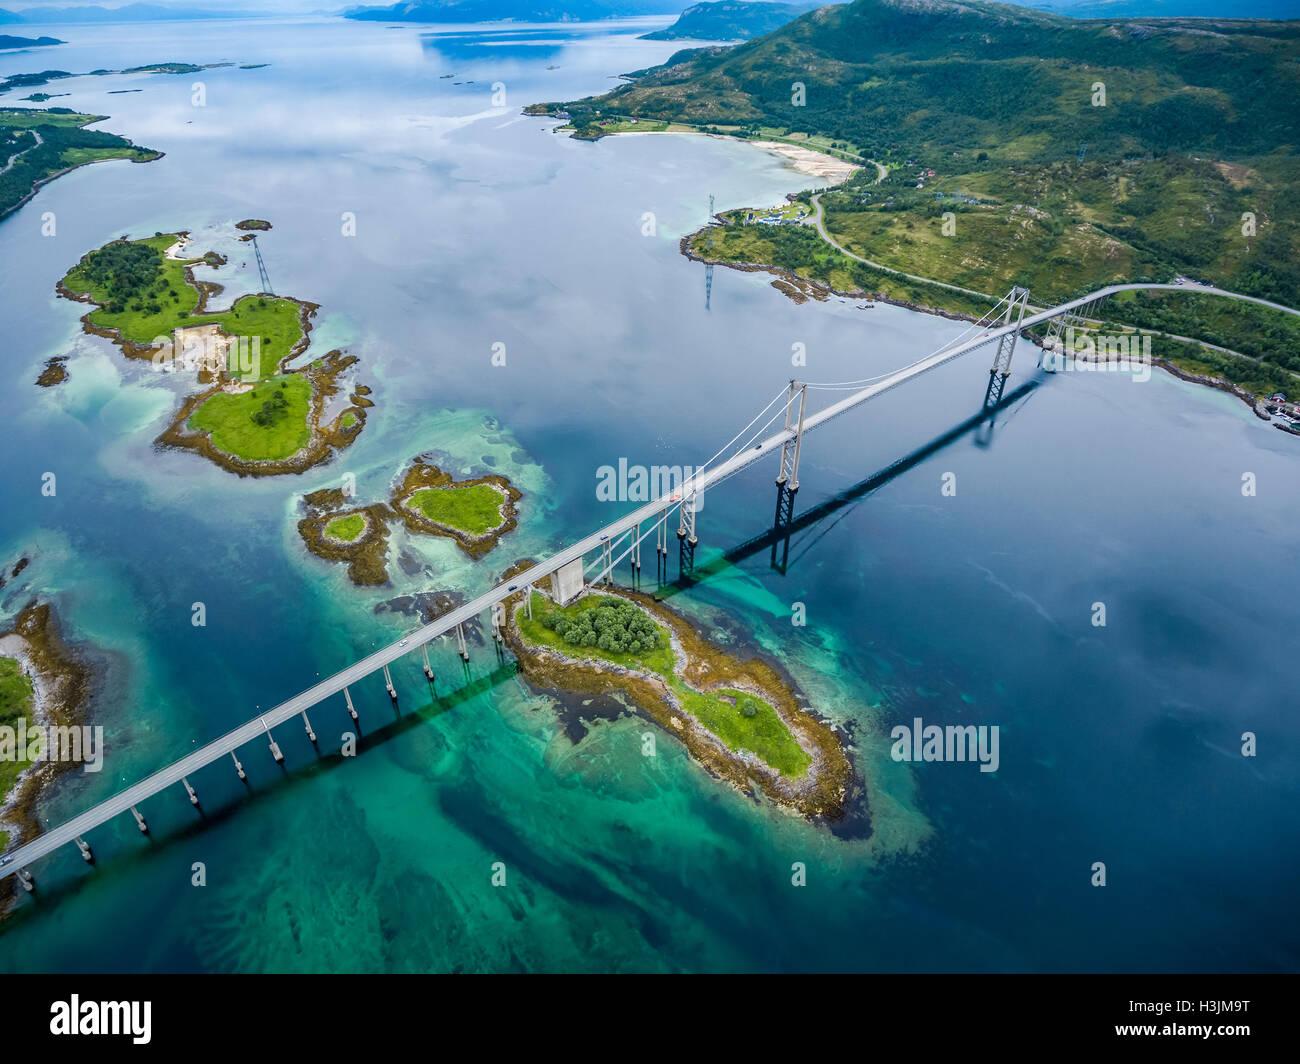 Tjeldsundbrua pont reliant le continent avec les îles en Norvège Photo Stock